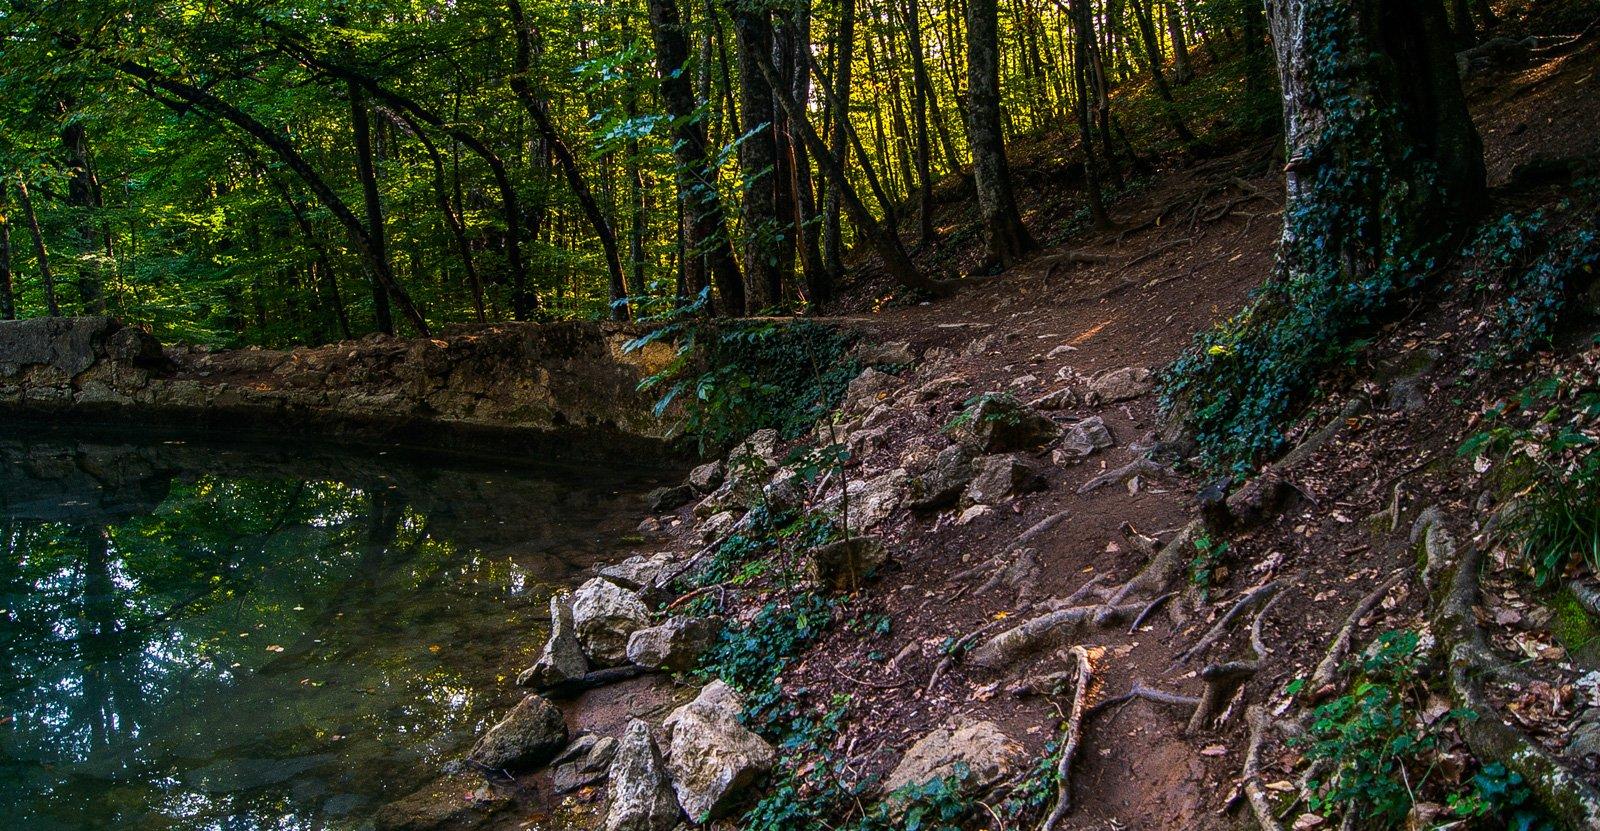 На естественном ровном участке ниже пещеры построили каменную дамбу, перегородив речку таким образом, что образовалось озерцо диаметром около 30-40 метров.